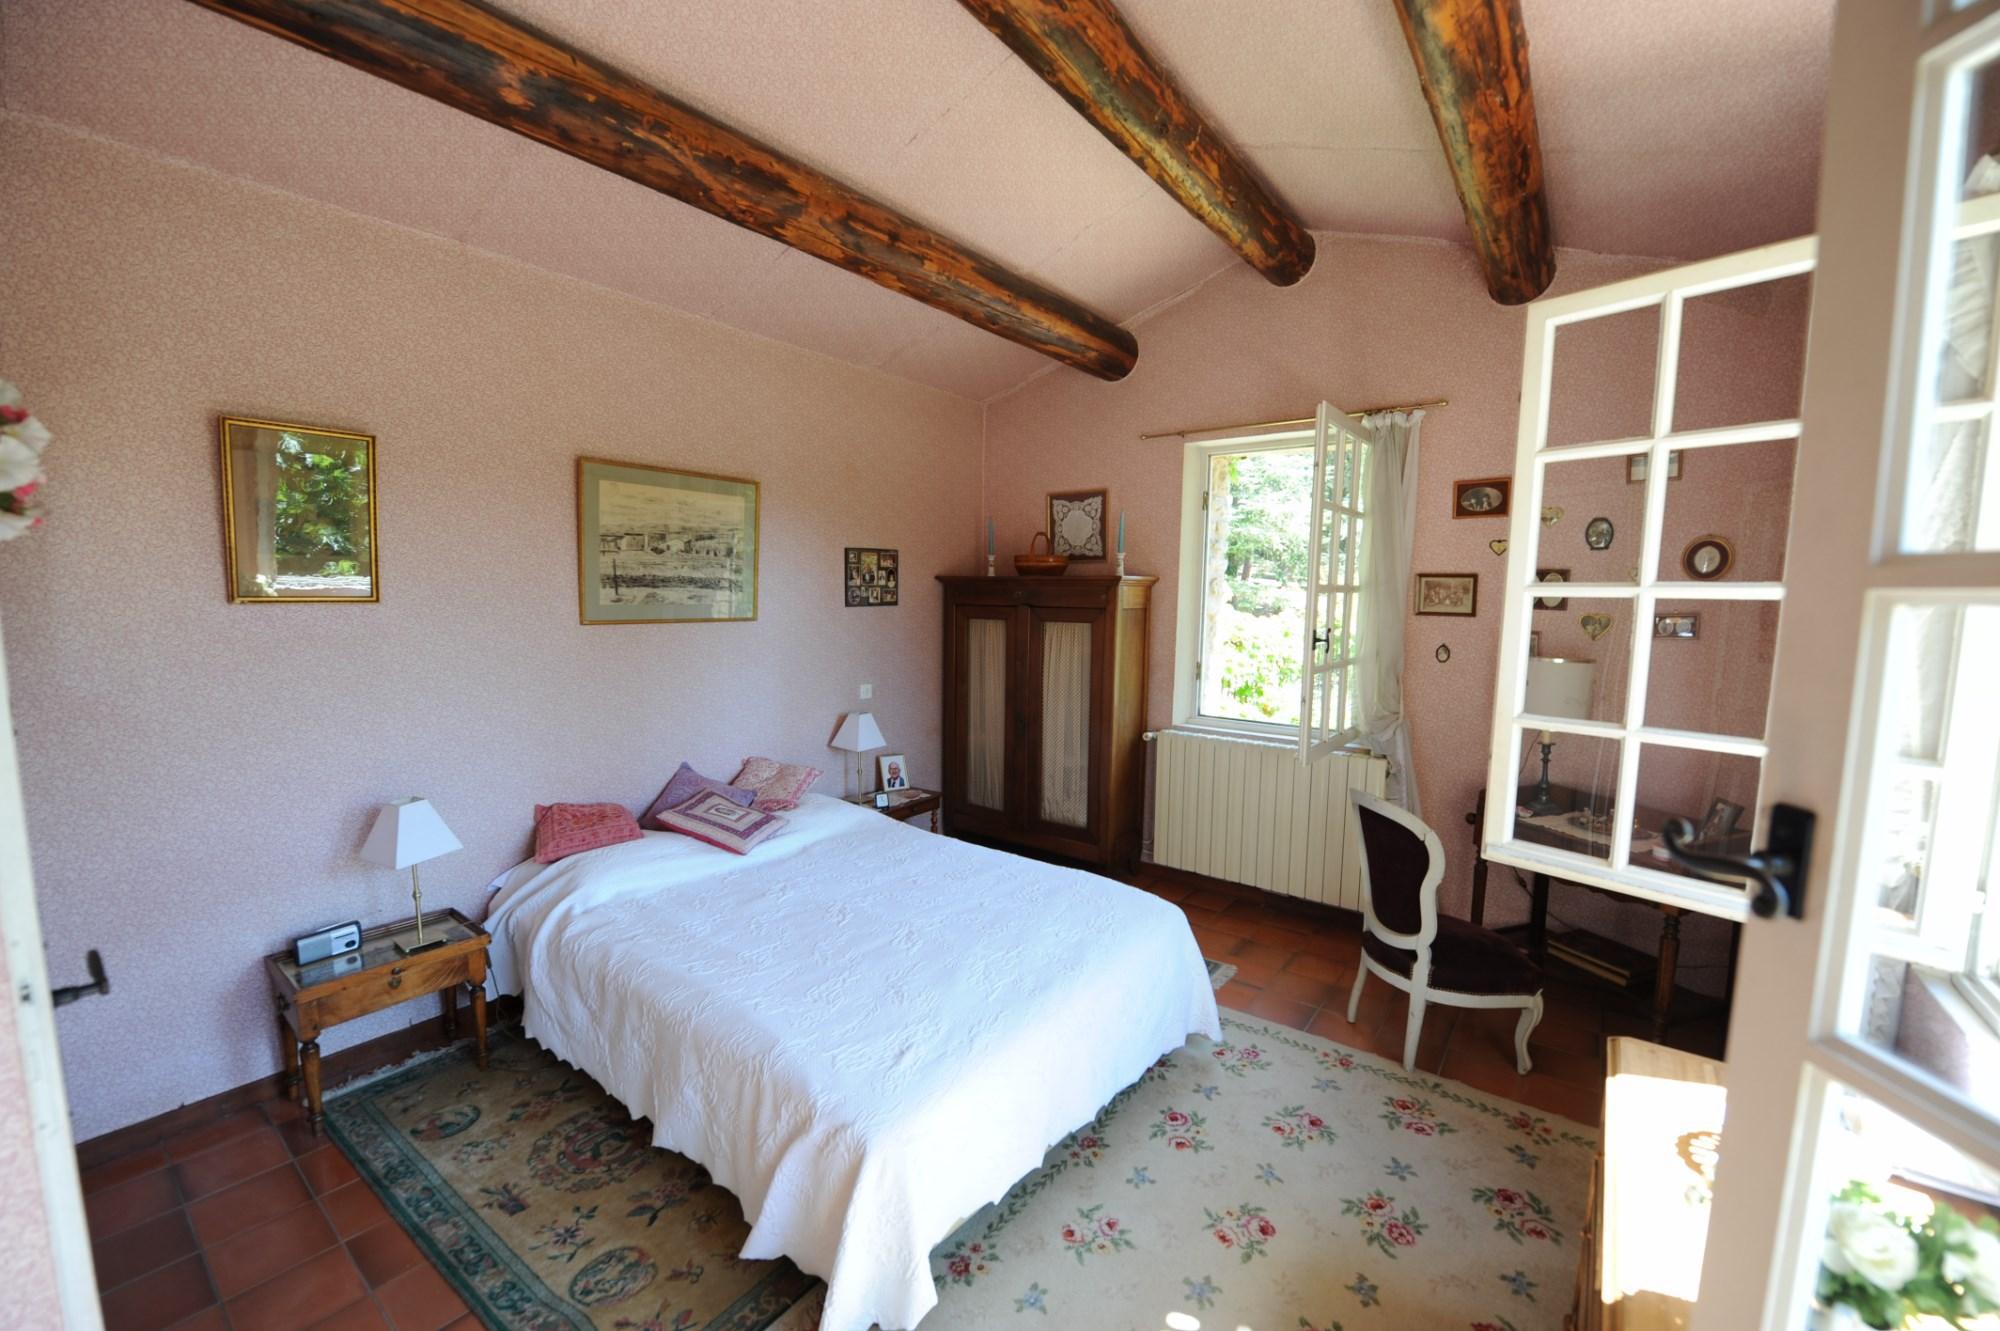 Triangle d'Or : propriété authentique avec maison et dépendances en pierres en bordure de village face au Luberon